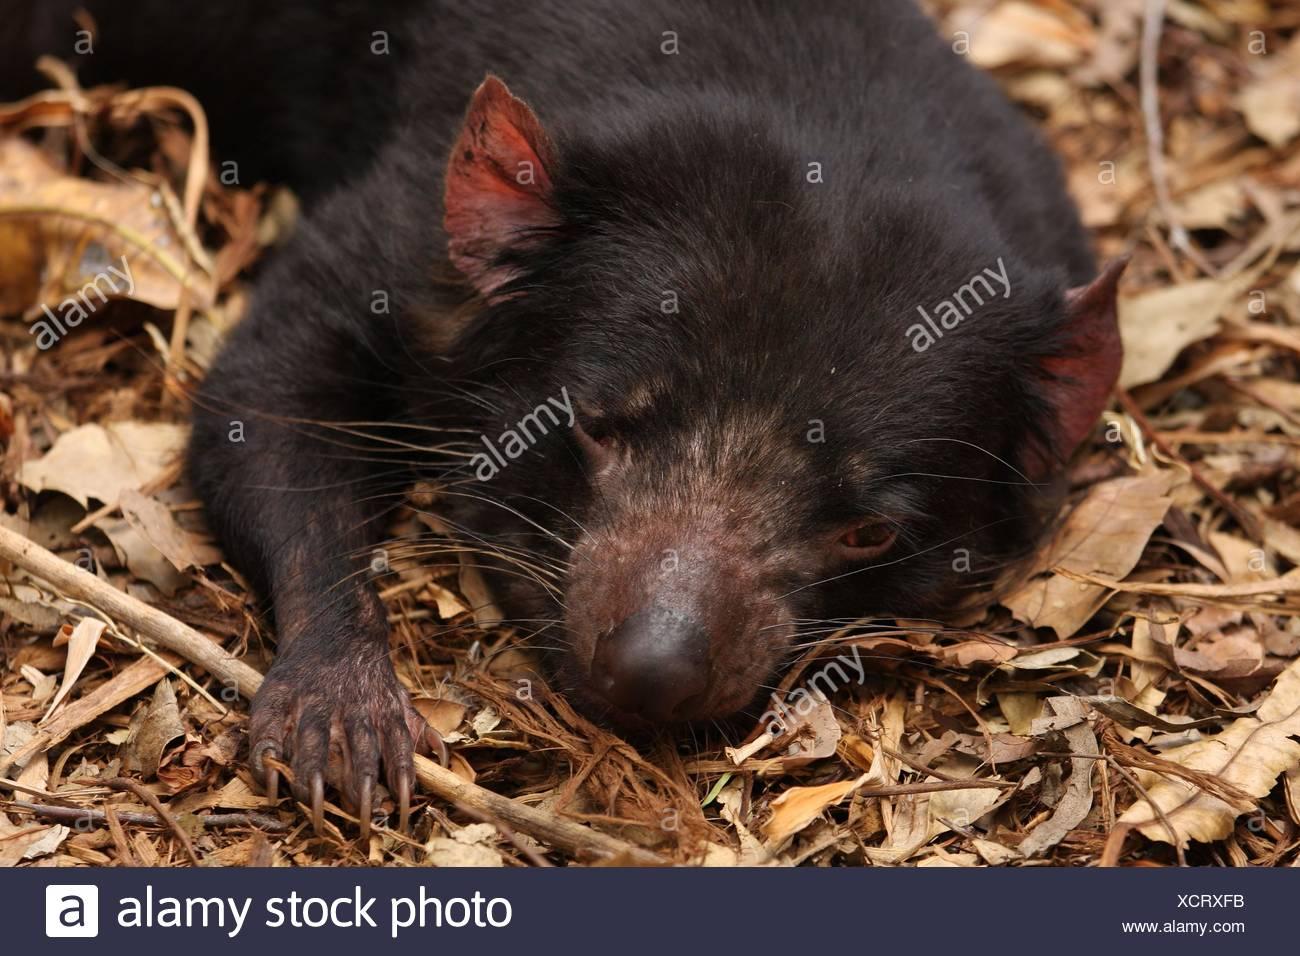 Tasmanian devil - Stock Image